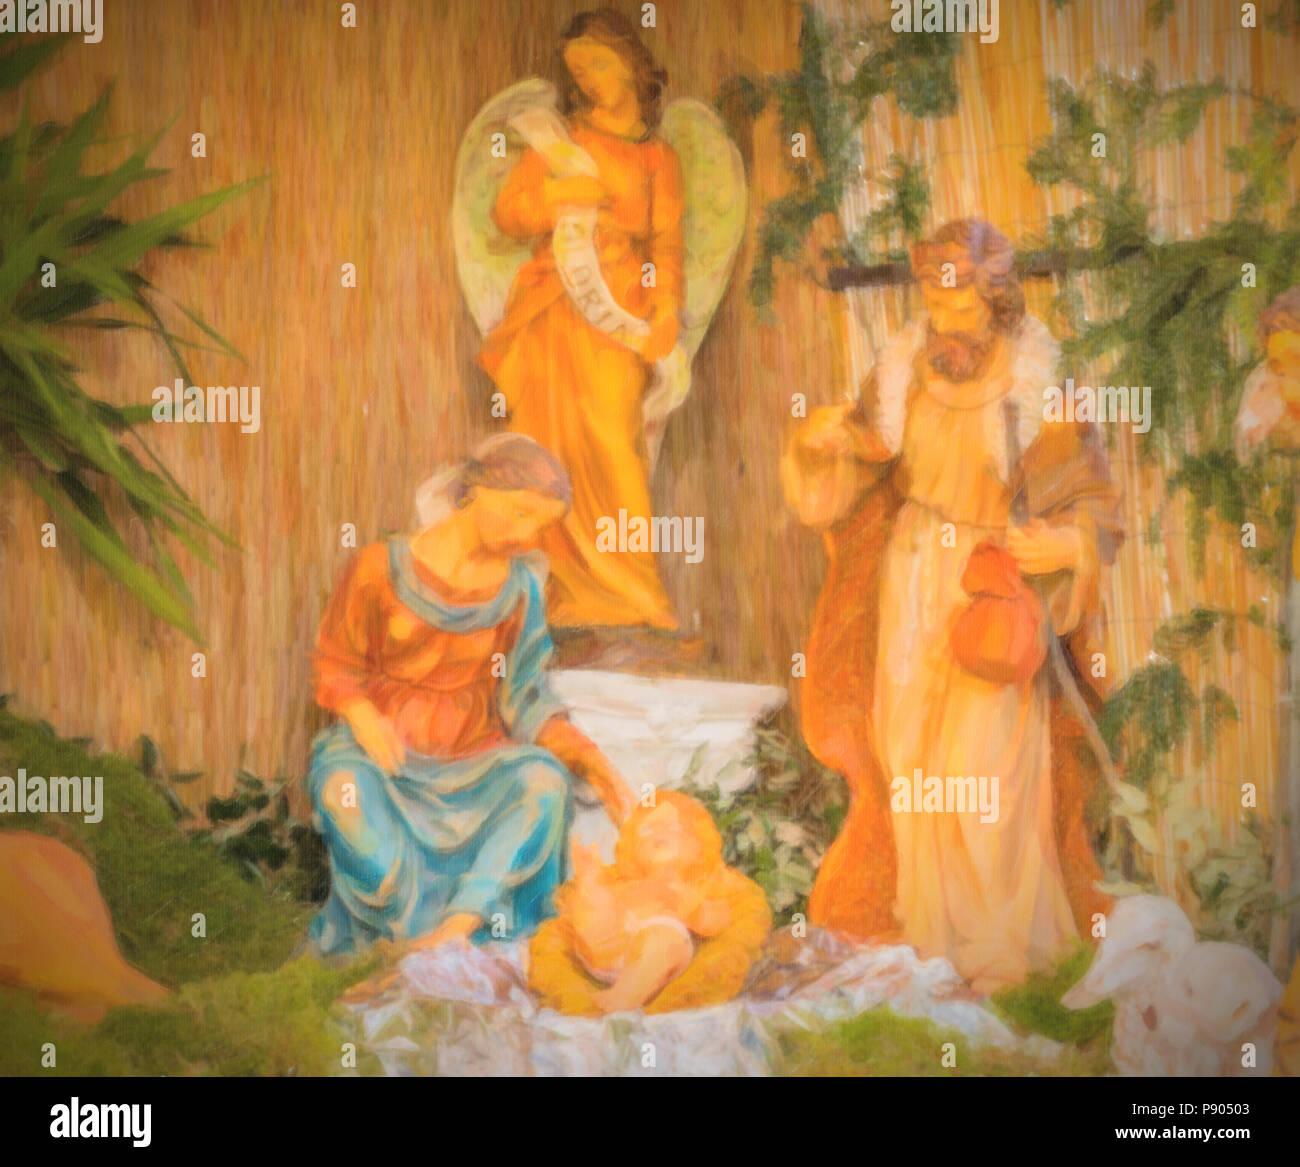 Hirten Bilder Weihnachten.Abbildung Weihnachten Geburt Der Heiligen Baby Jesus Mit Der